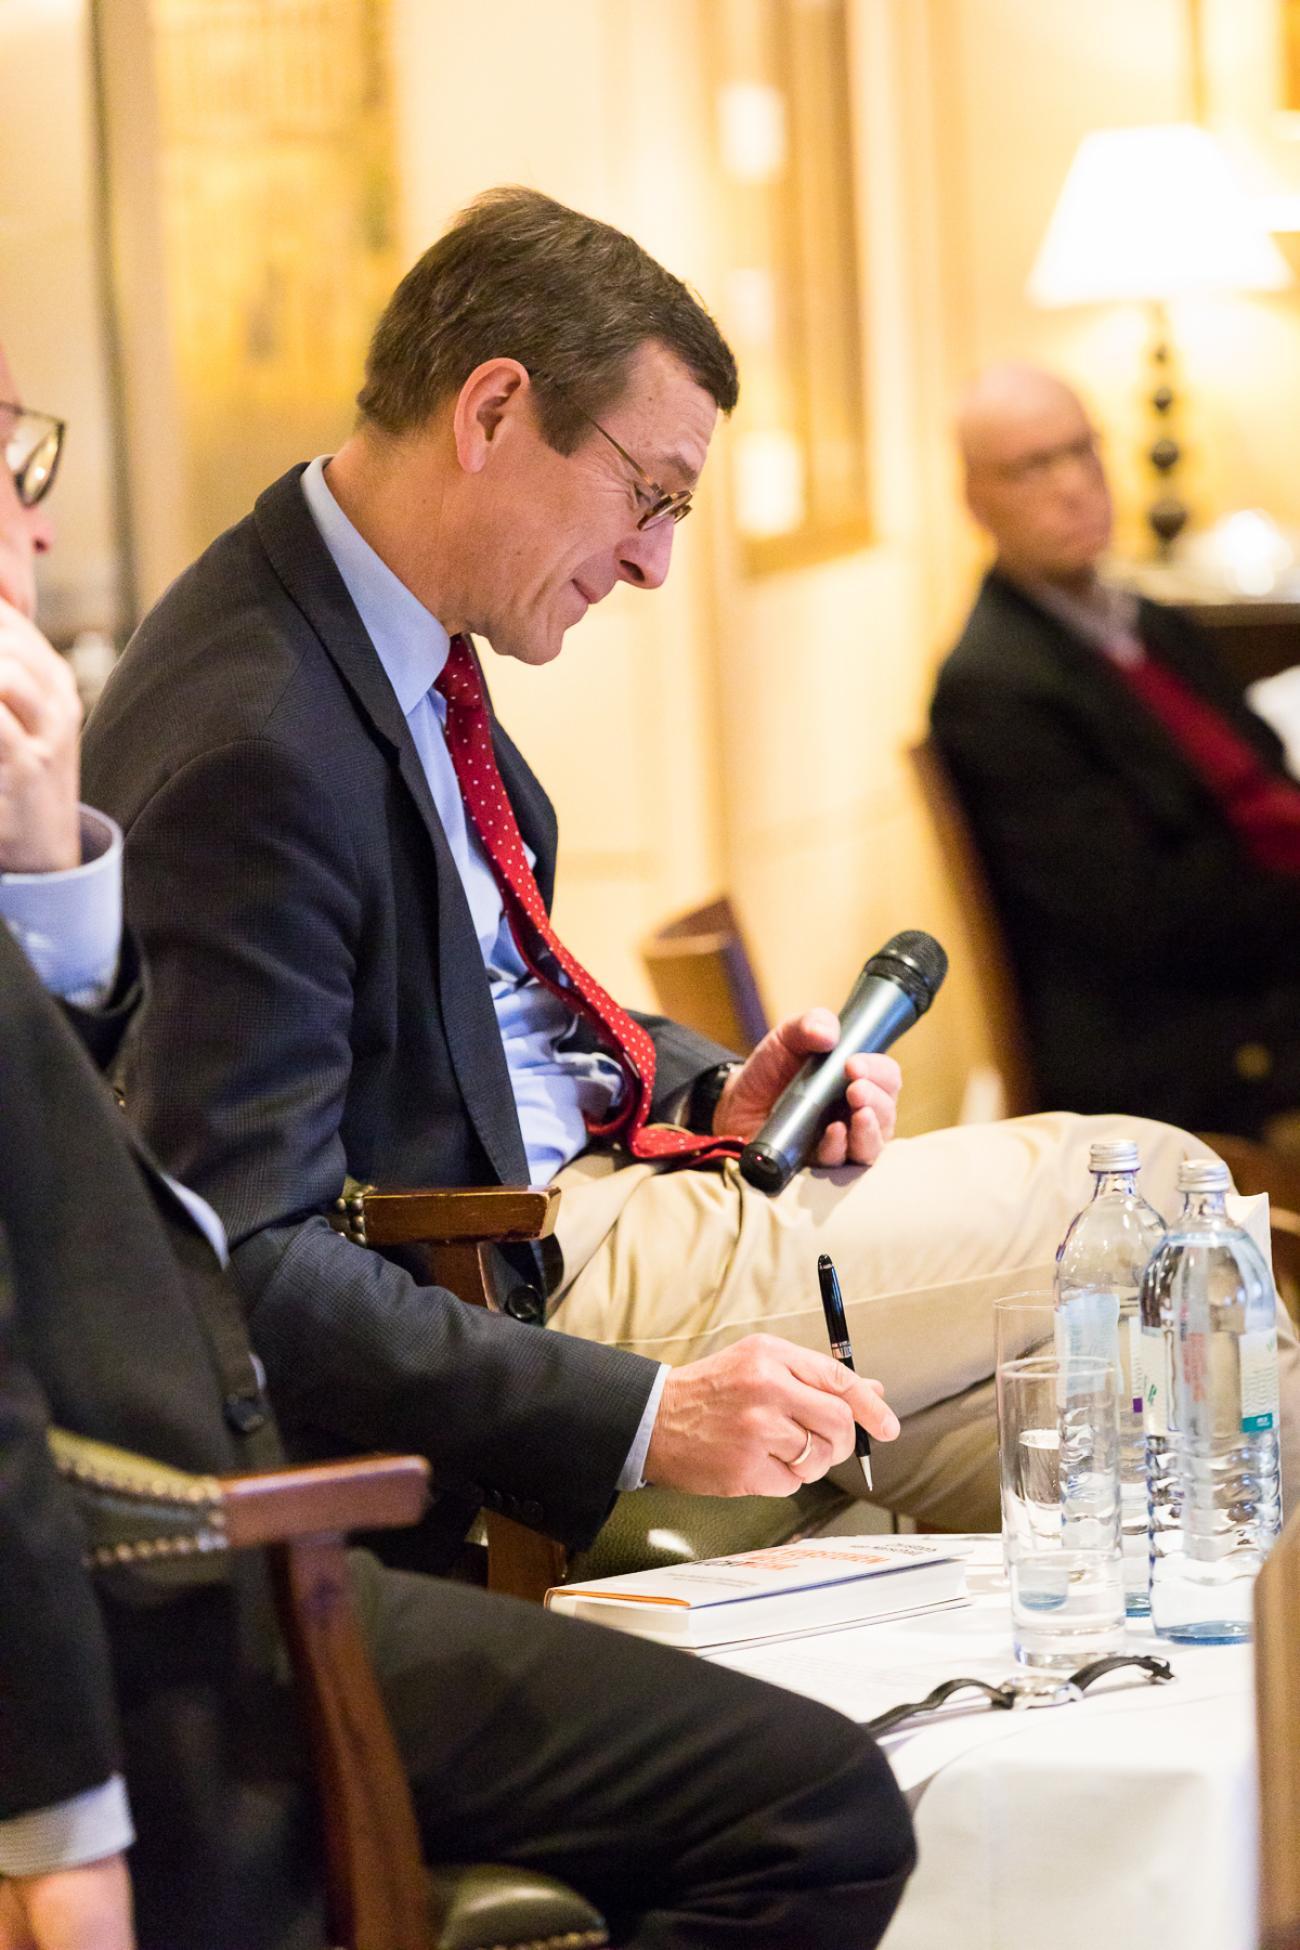 041 VBKI Foreign Policy Lunch Deutschland BF Inga Haar web?itok=JCzqCUOd